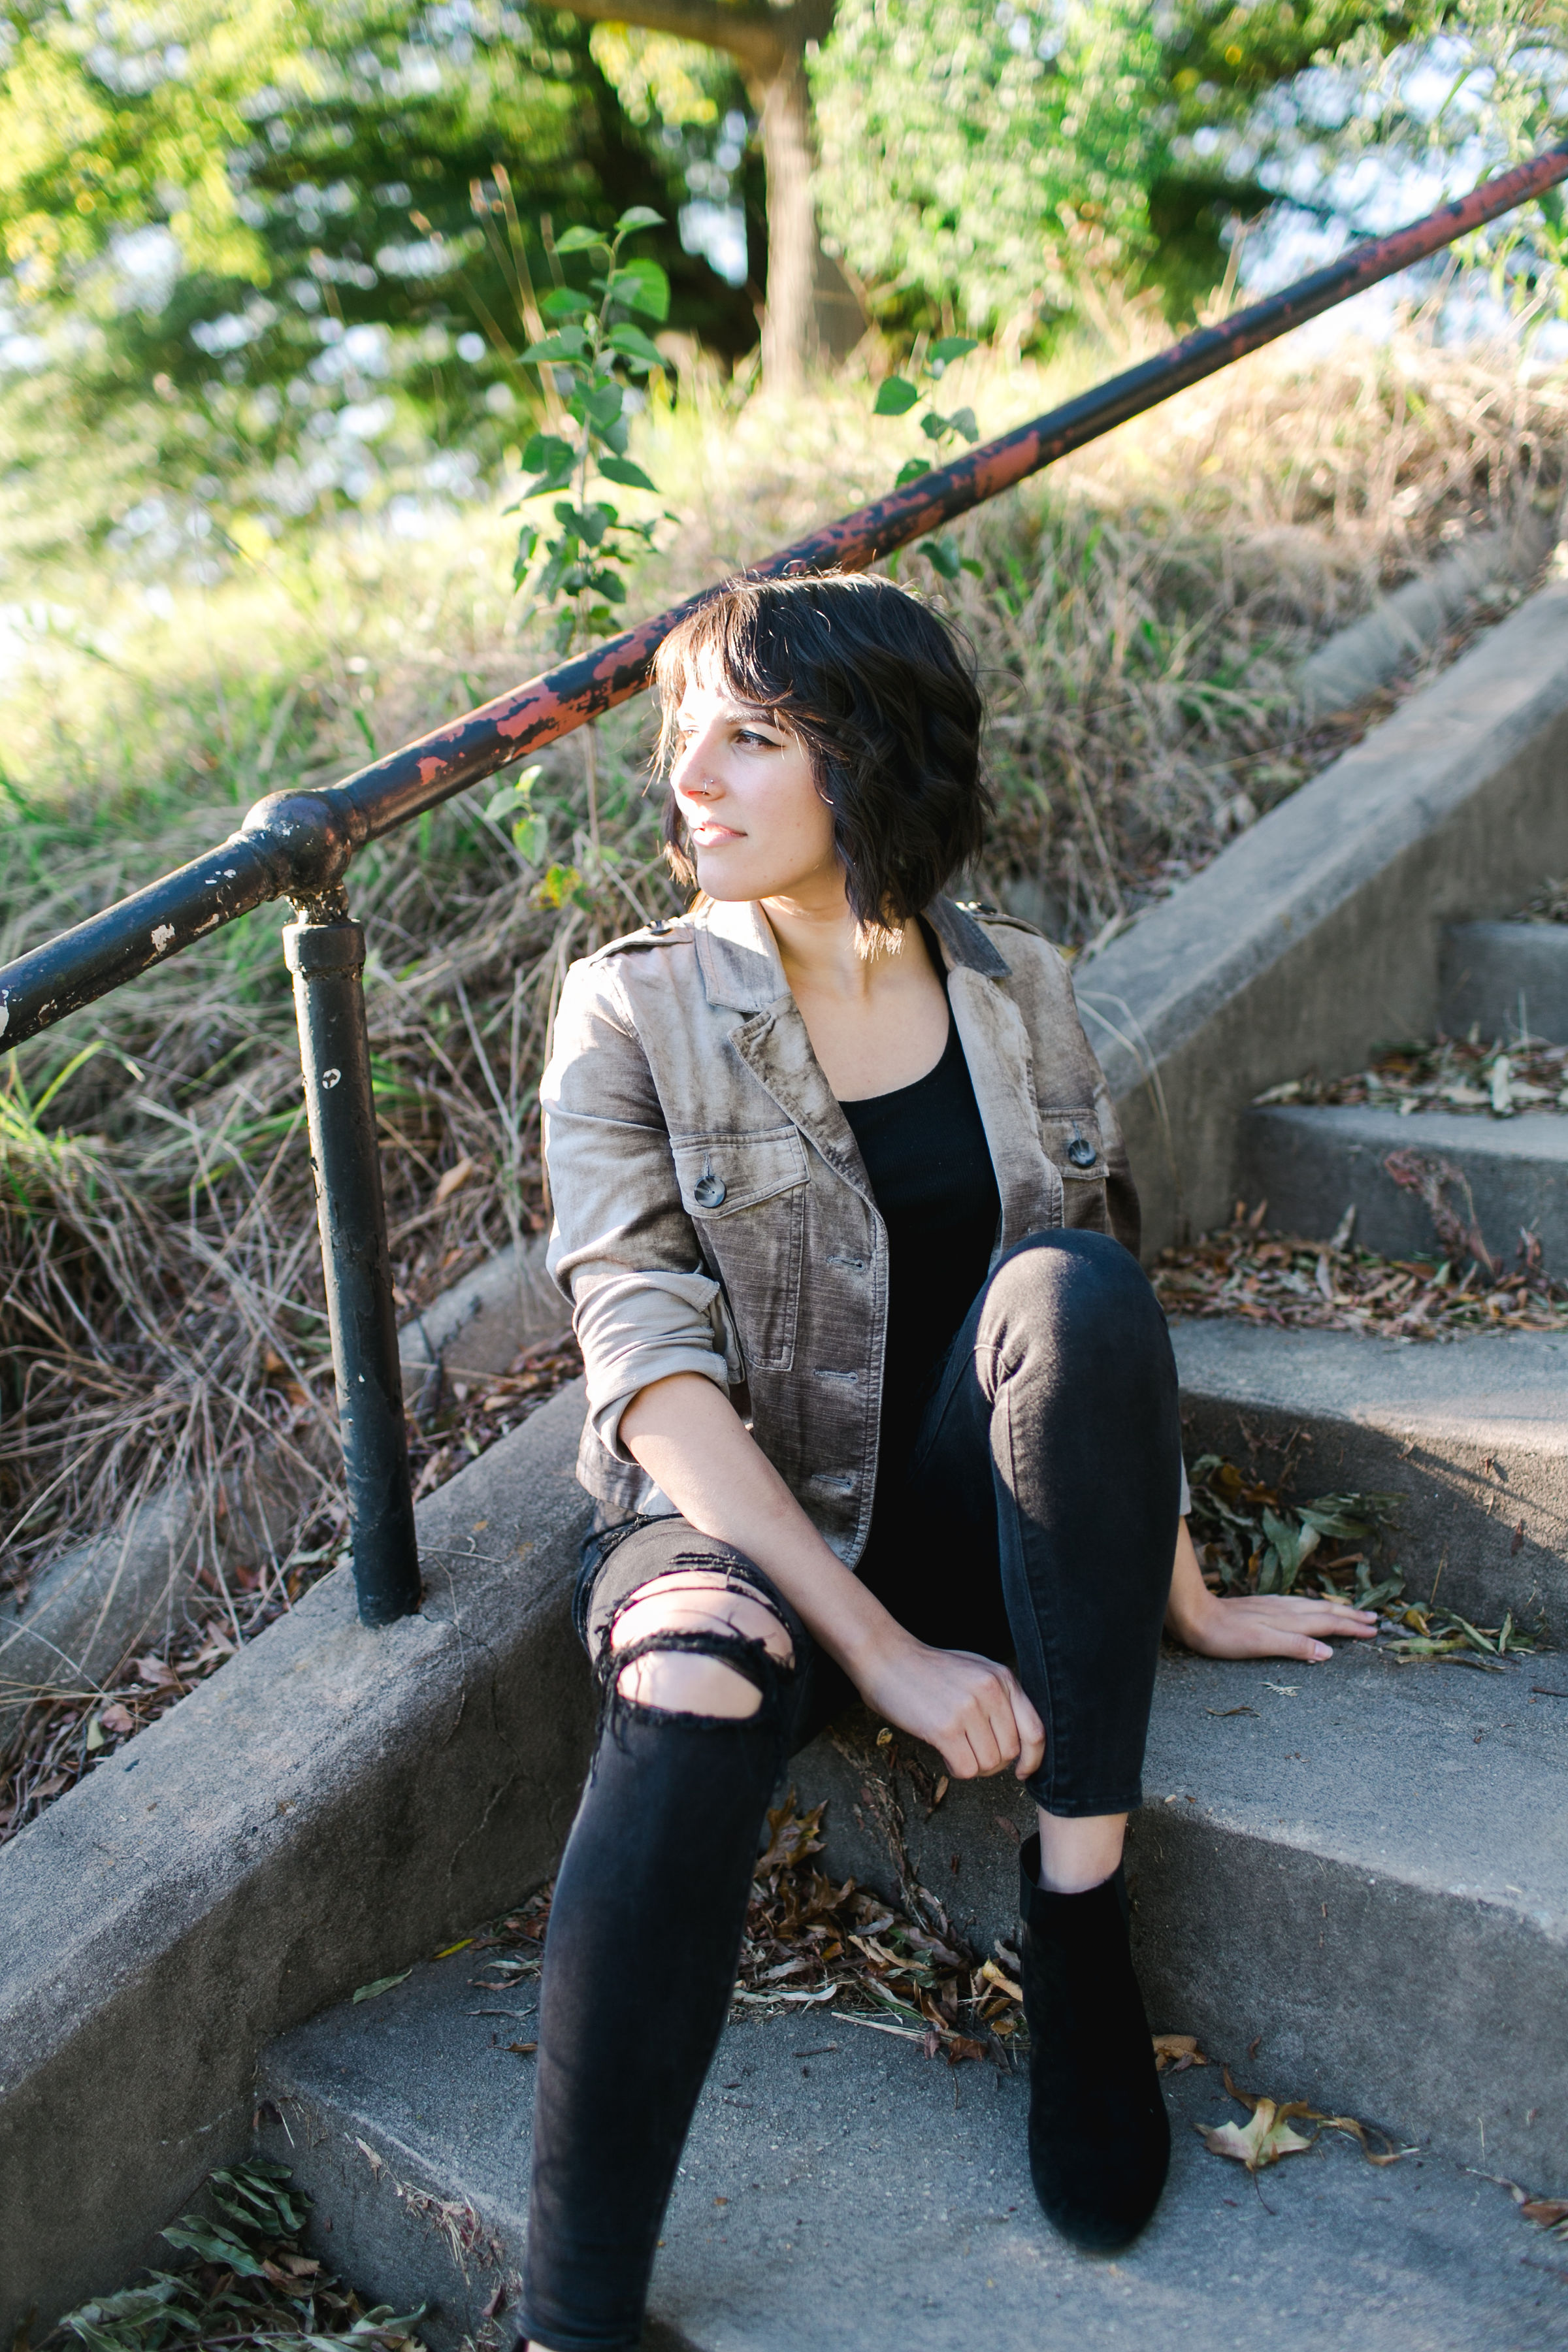 Sarah_Butler-Sarah_Der-28.jpg